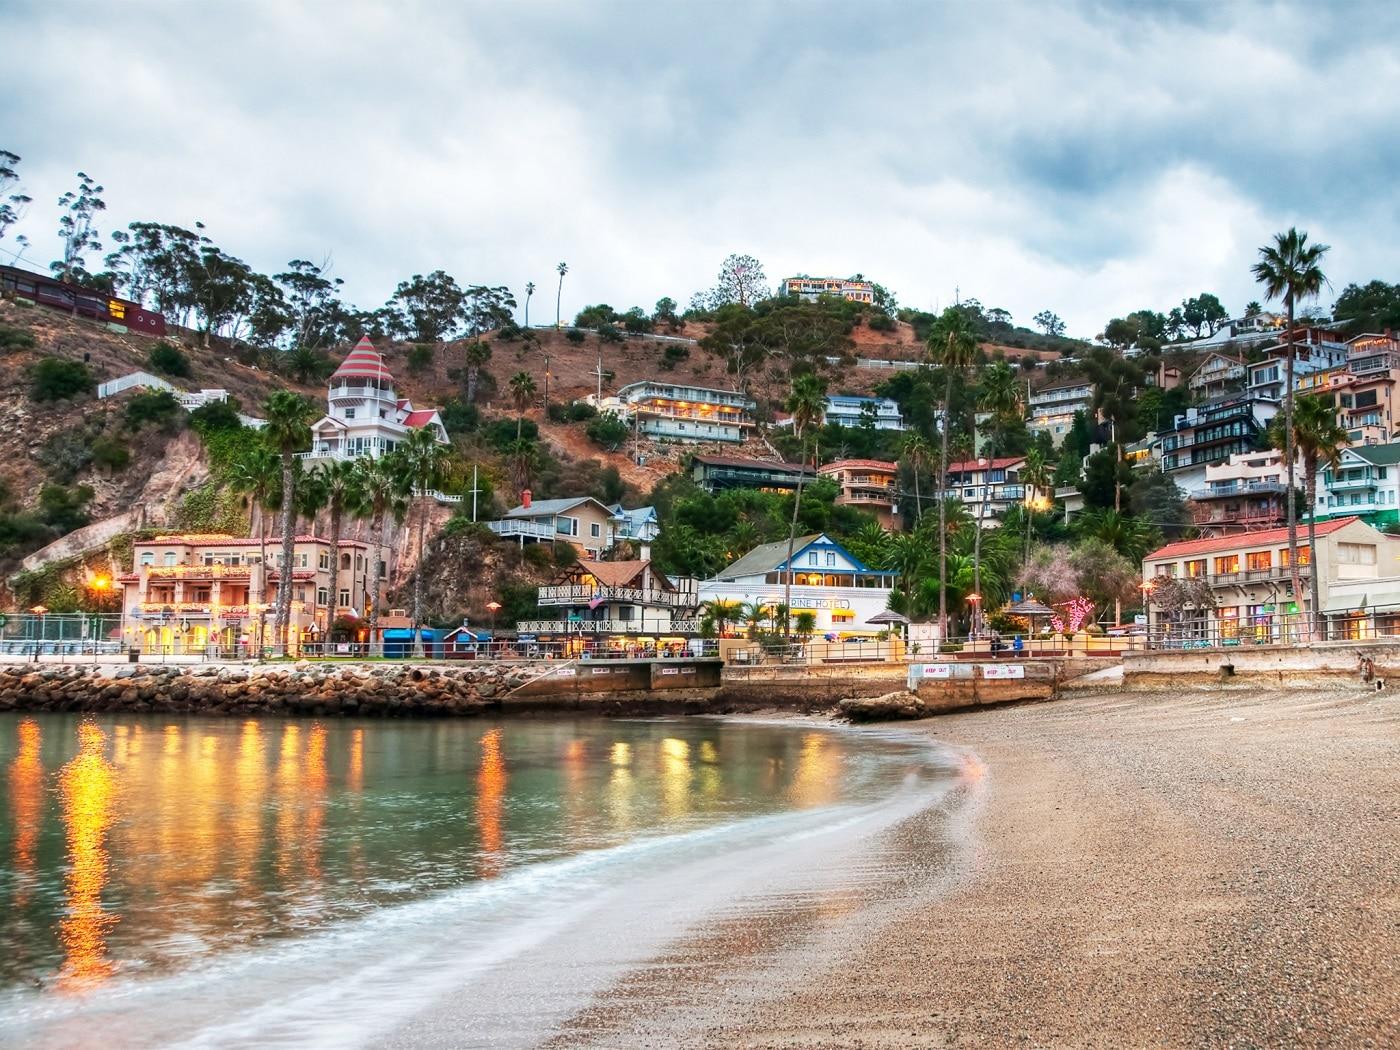 Plajele deosebite sunt adorate de turiștii din întreaga lume